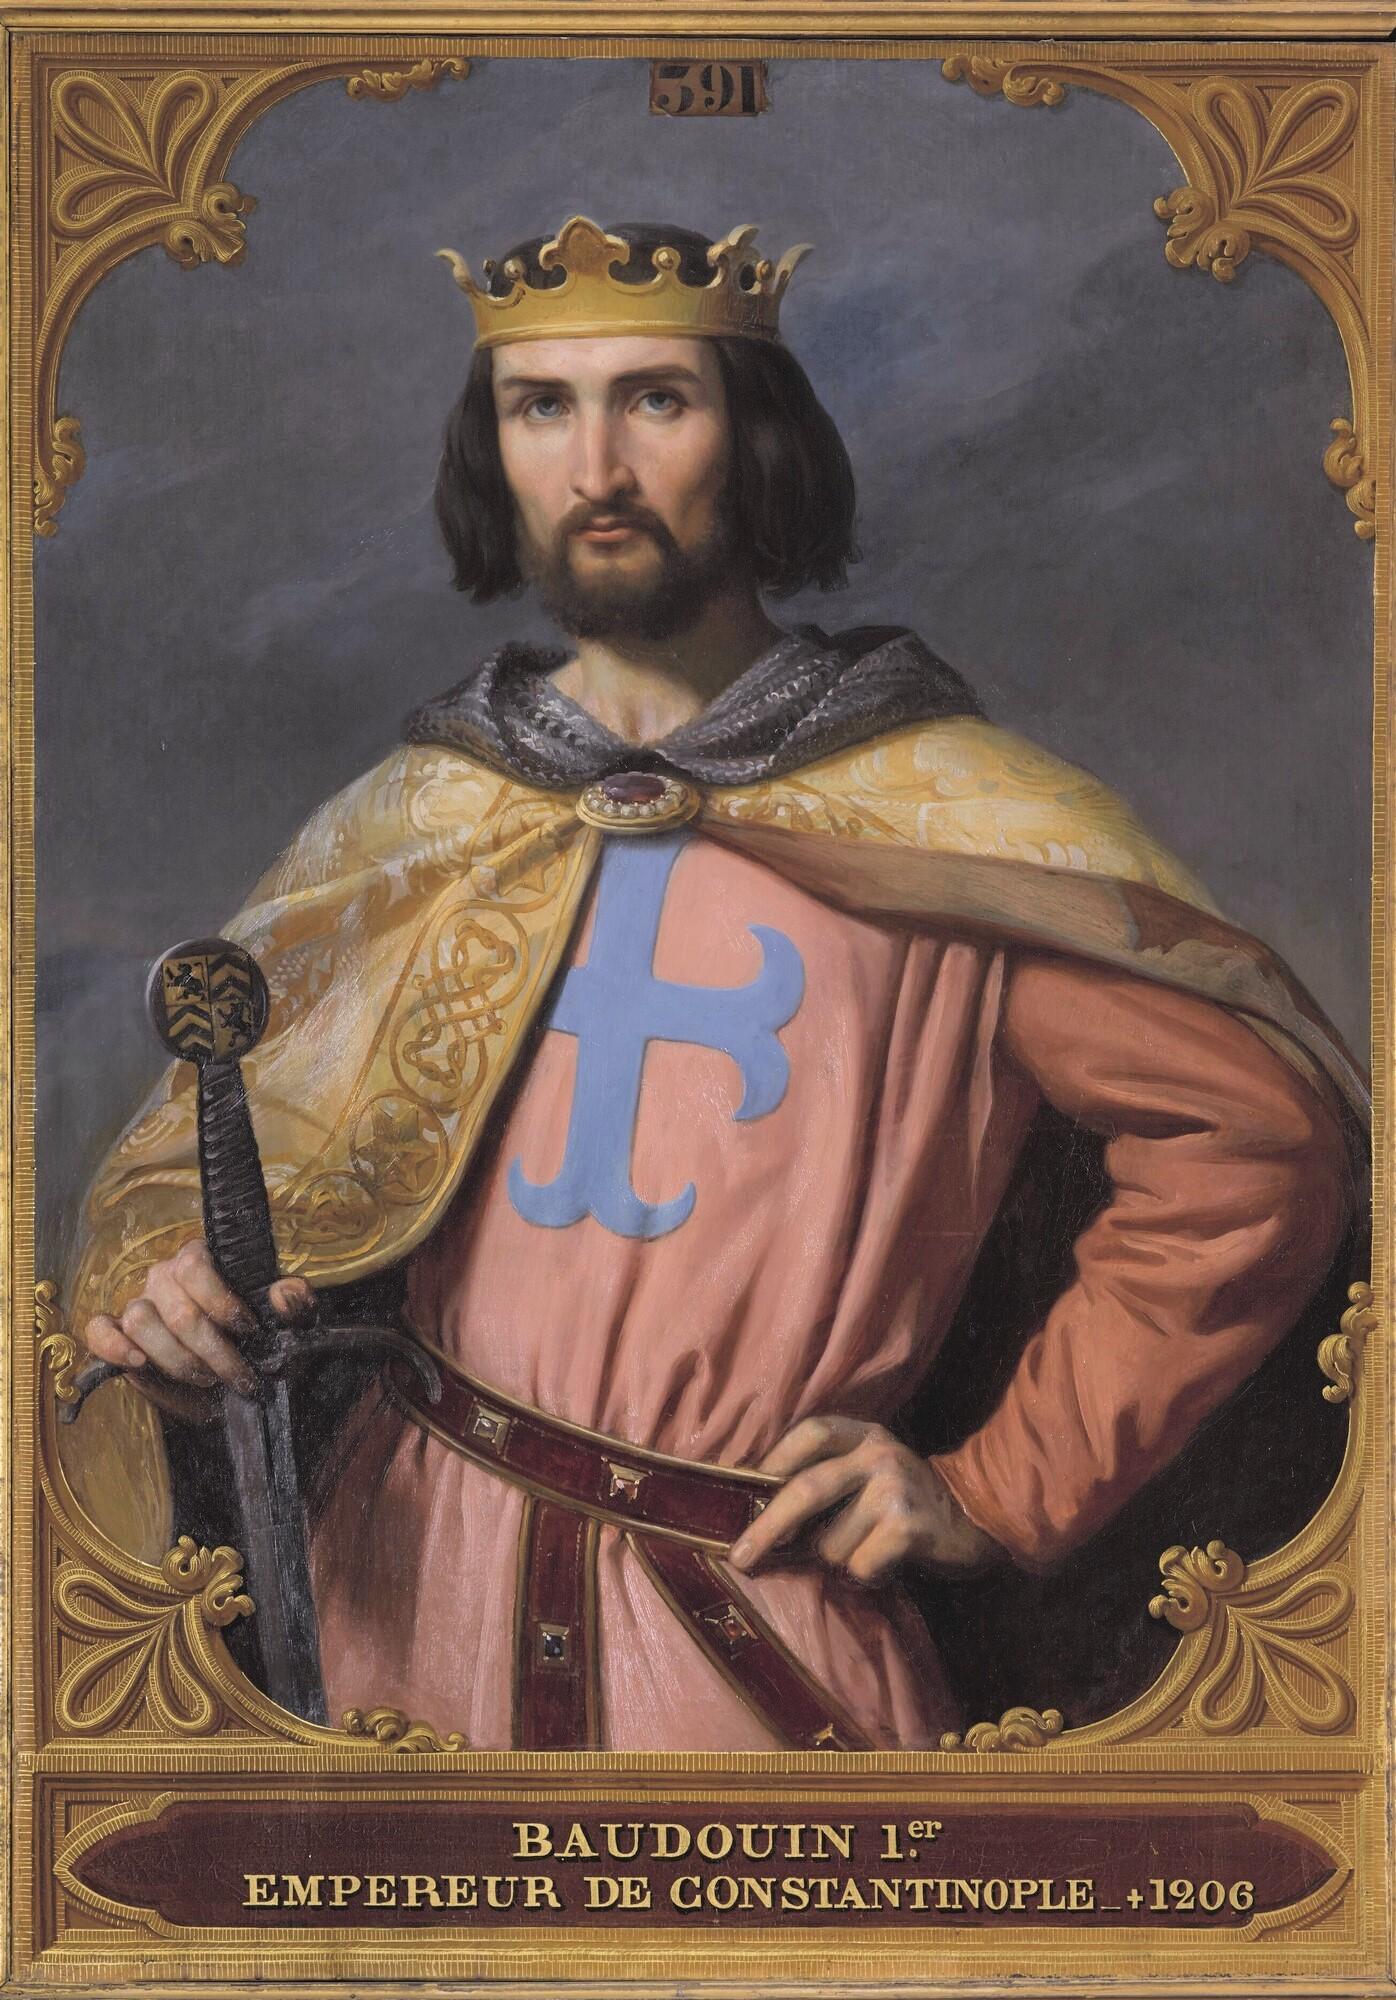 Baudouin Ier, comte de Flandre, empereur de Constantinople. Peintre : François-Édouard Picot.